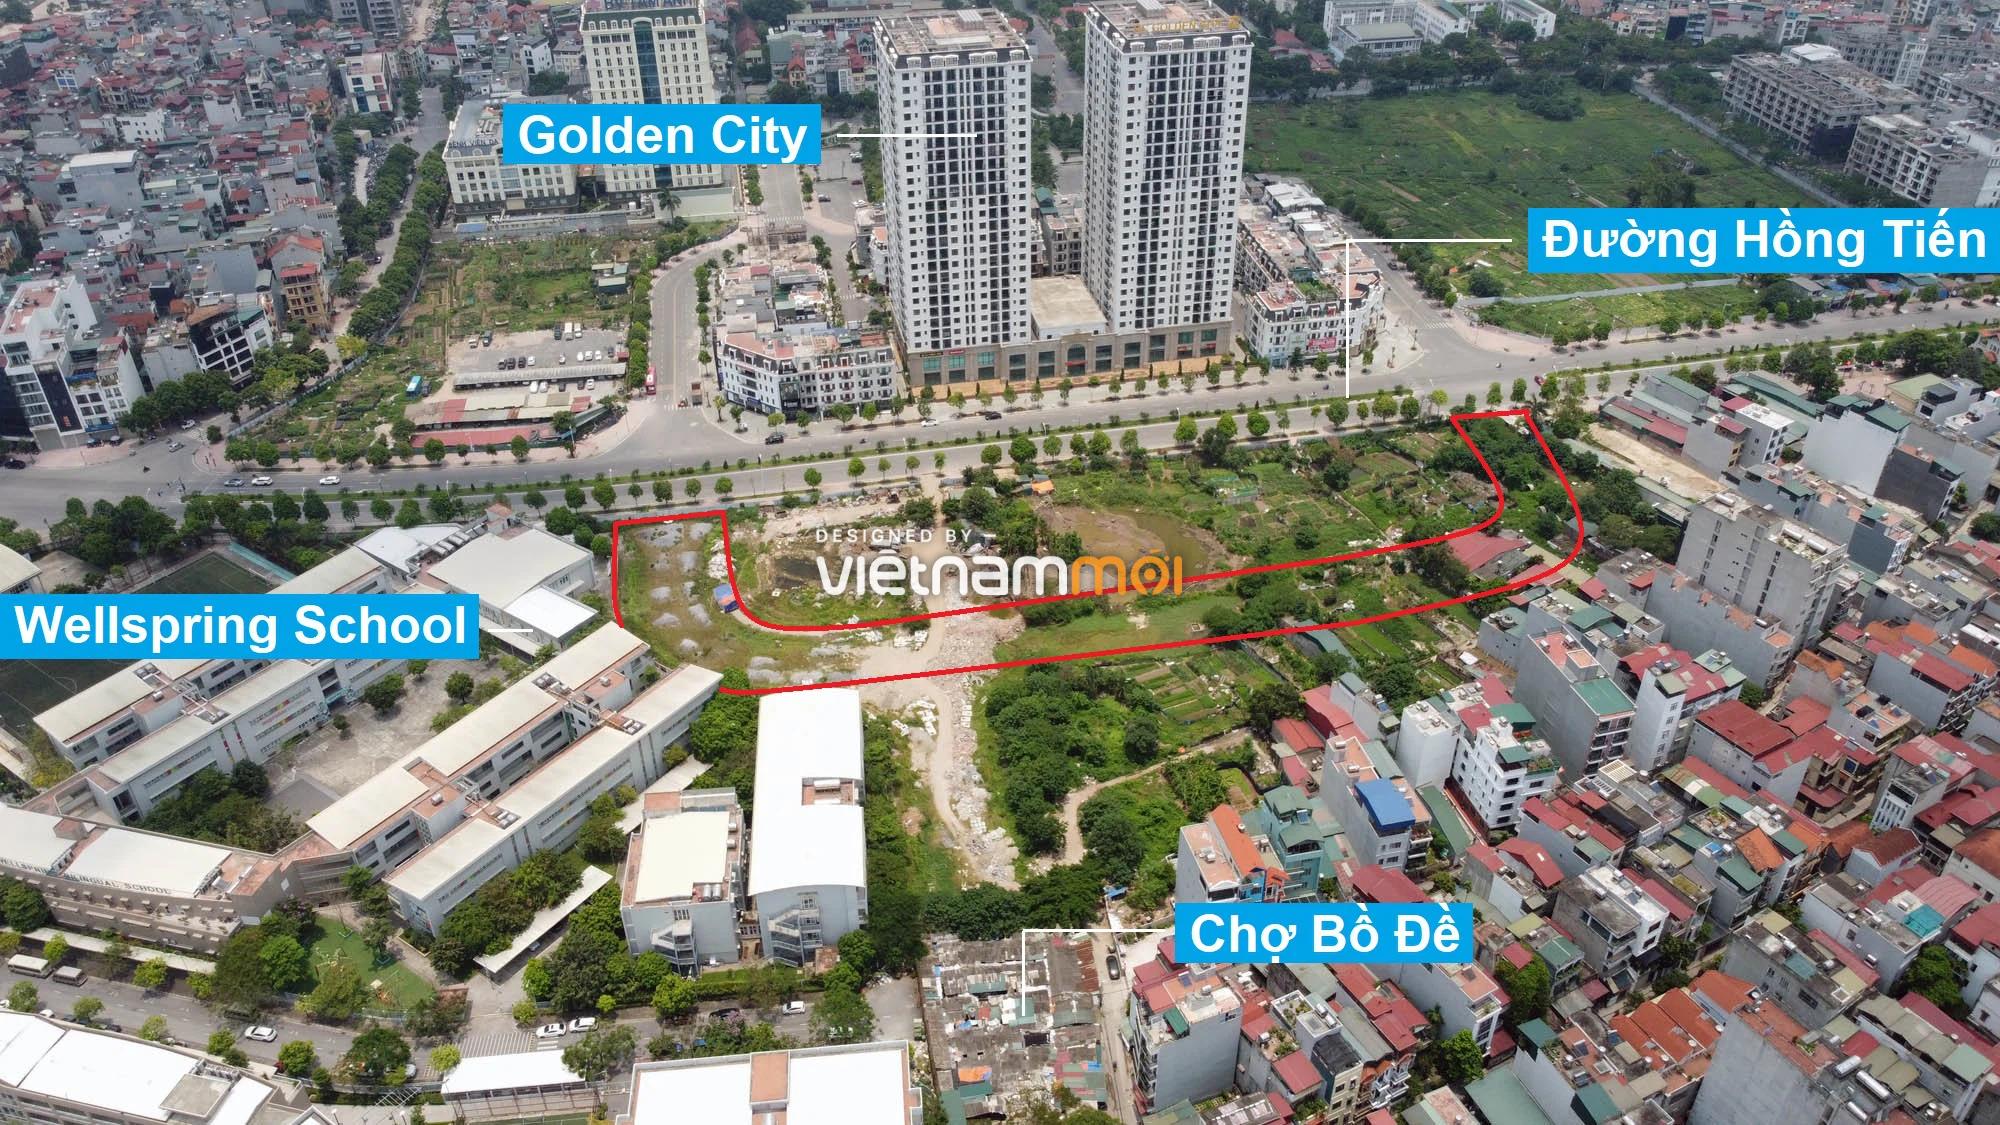 Những khu đất sắp thu hồi để mở đường ở phường Bồ Đề, Long Biên, Hà Nội (phần 2) - Ảnh 5.